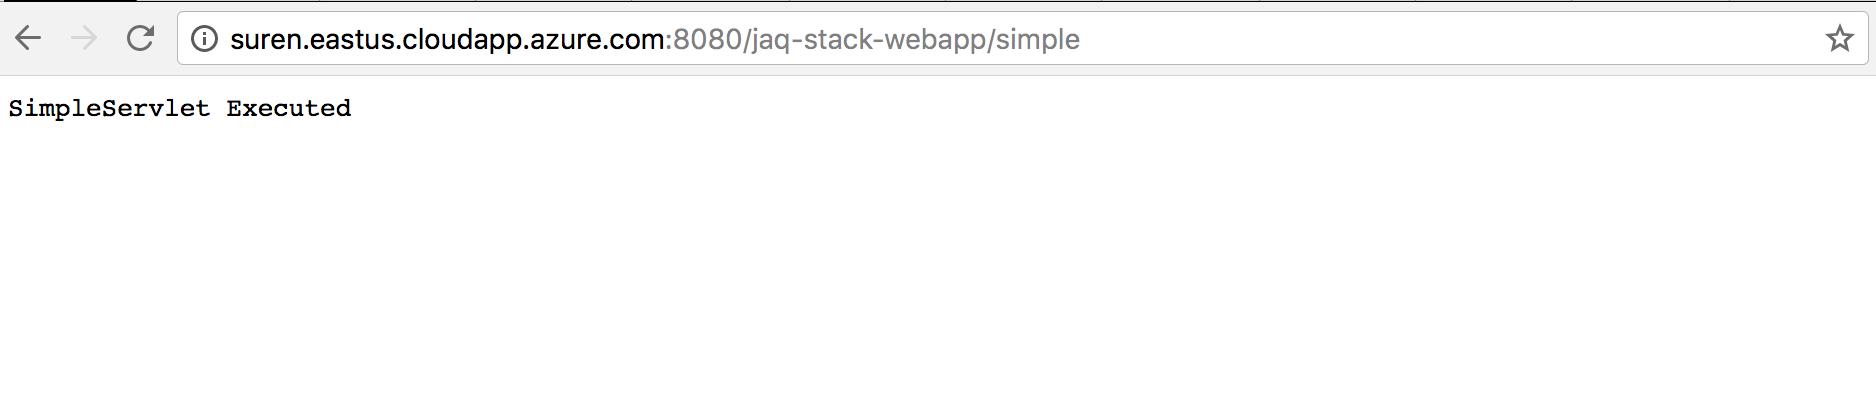 jaq-stack-sample-screen-servlet